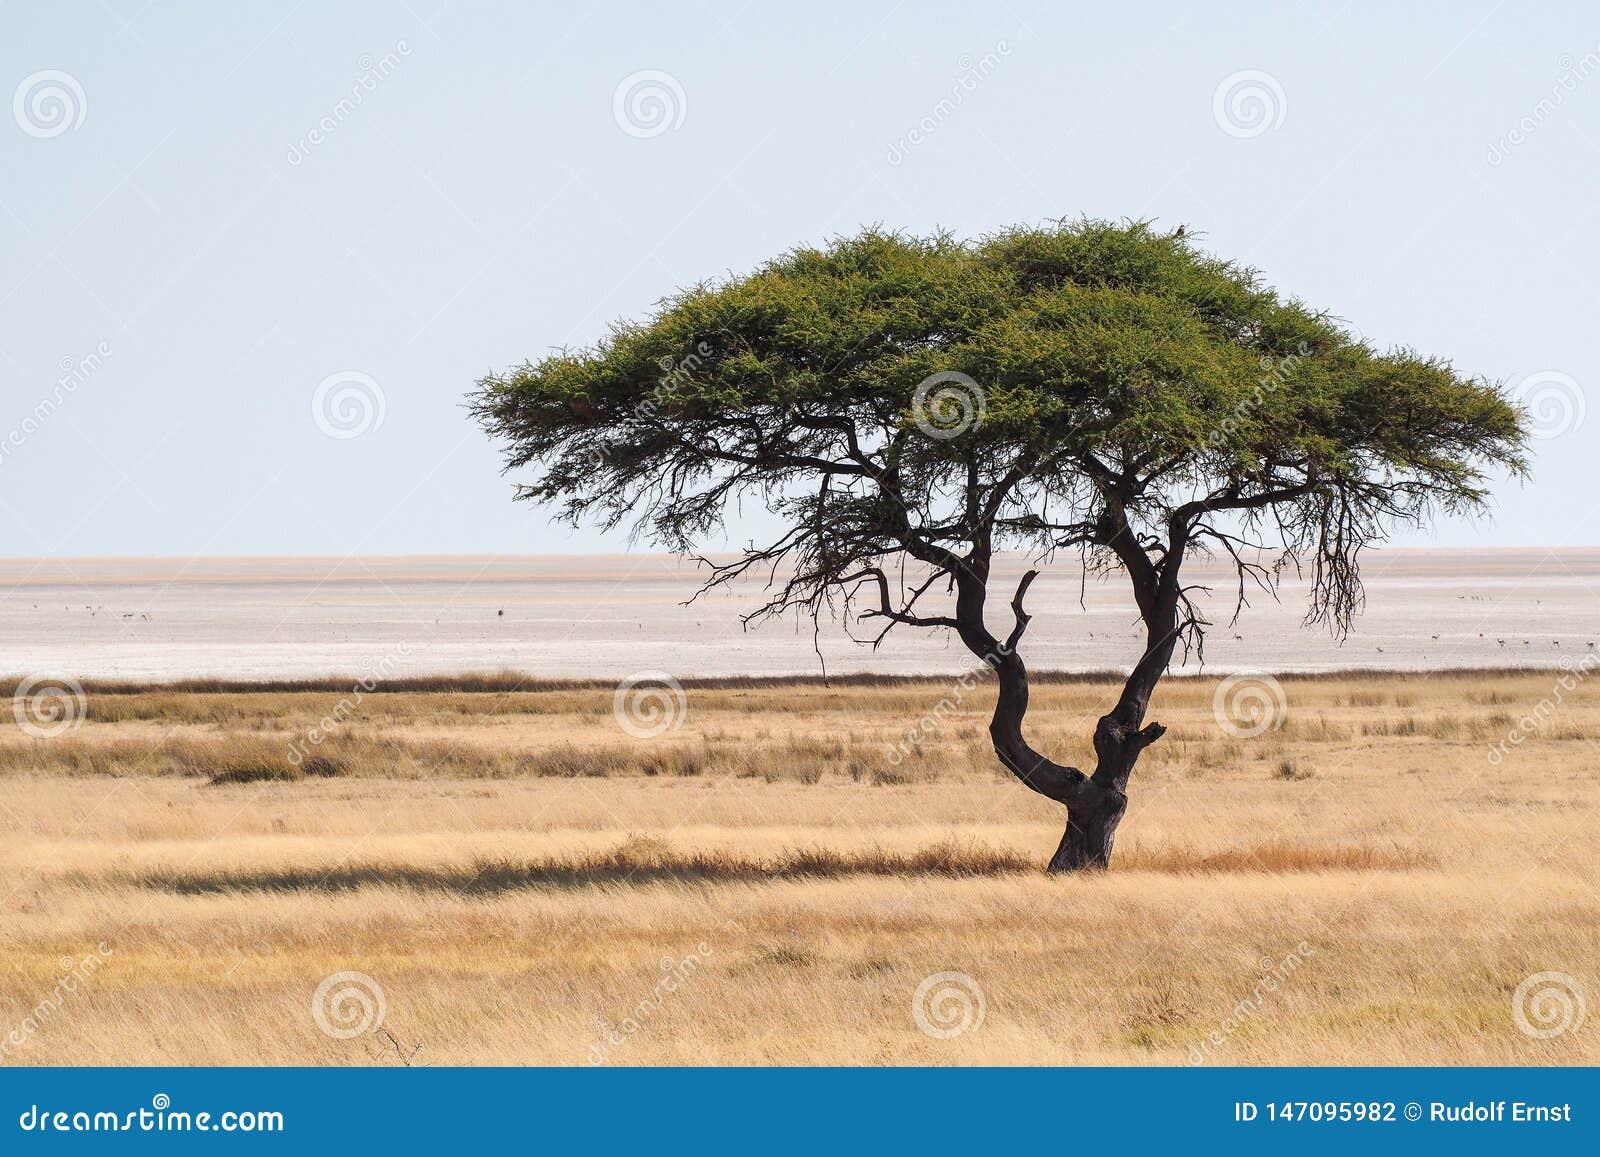 Wielki Akacjowy drzewo w Etosha parku narodowym w Namibia